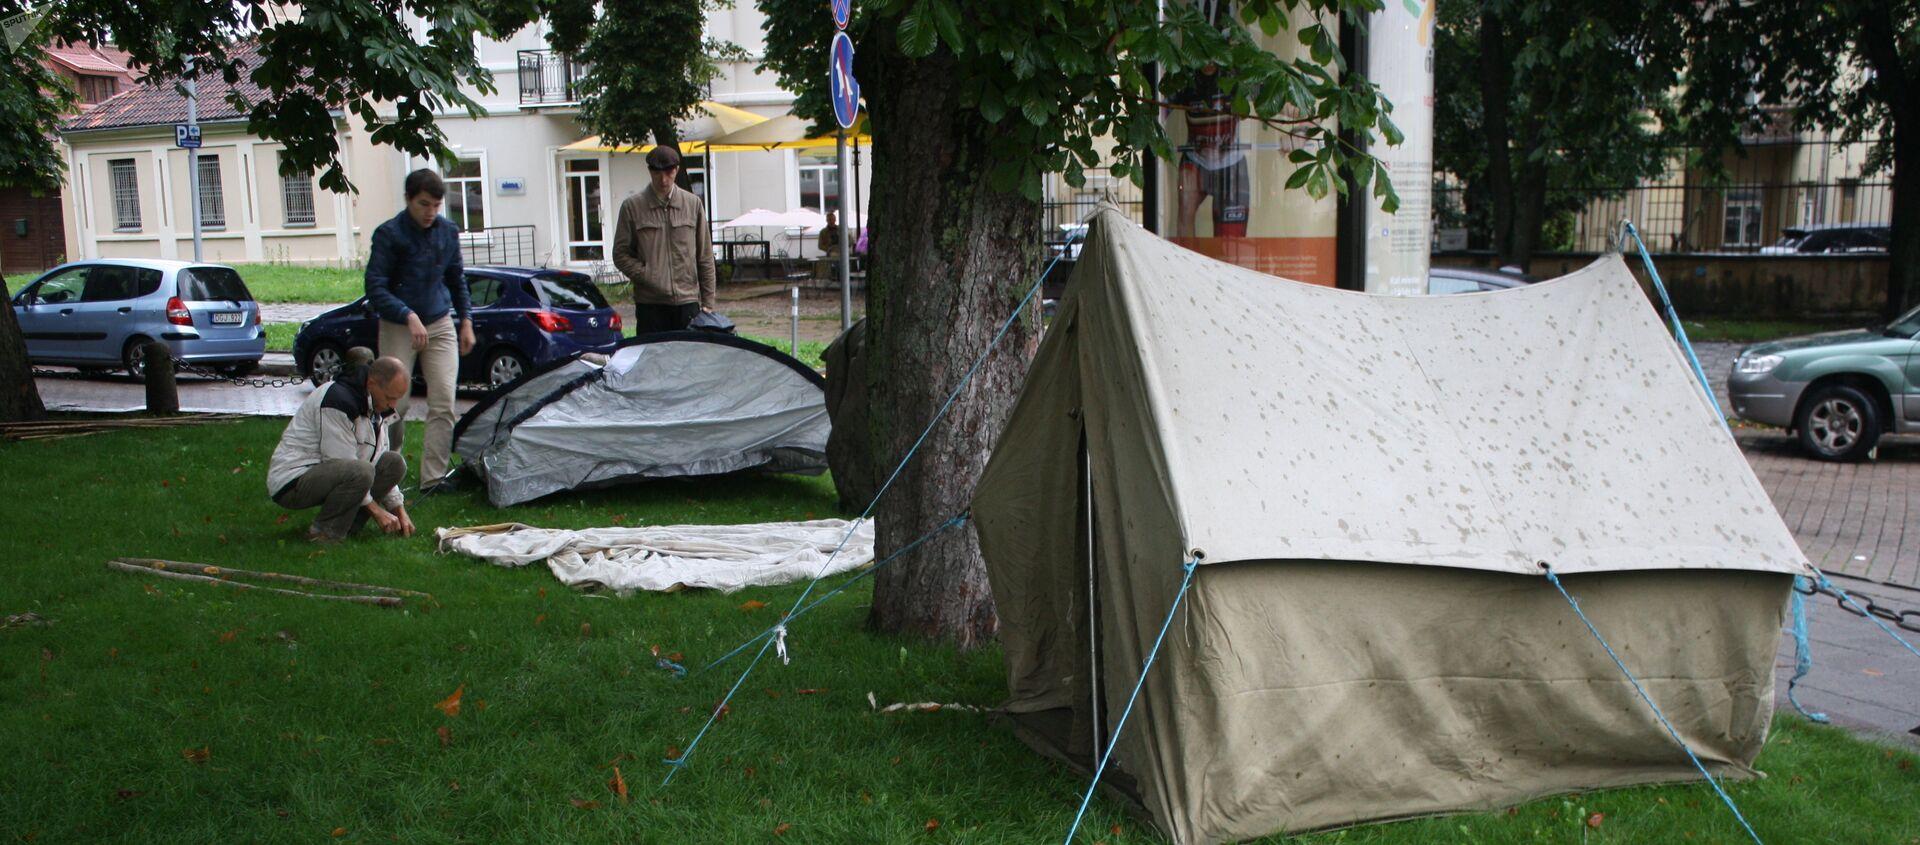 Палатки для голодающих в сквере у президентского дворца - Sputnik Латвия, 1920, 03.03.2021